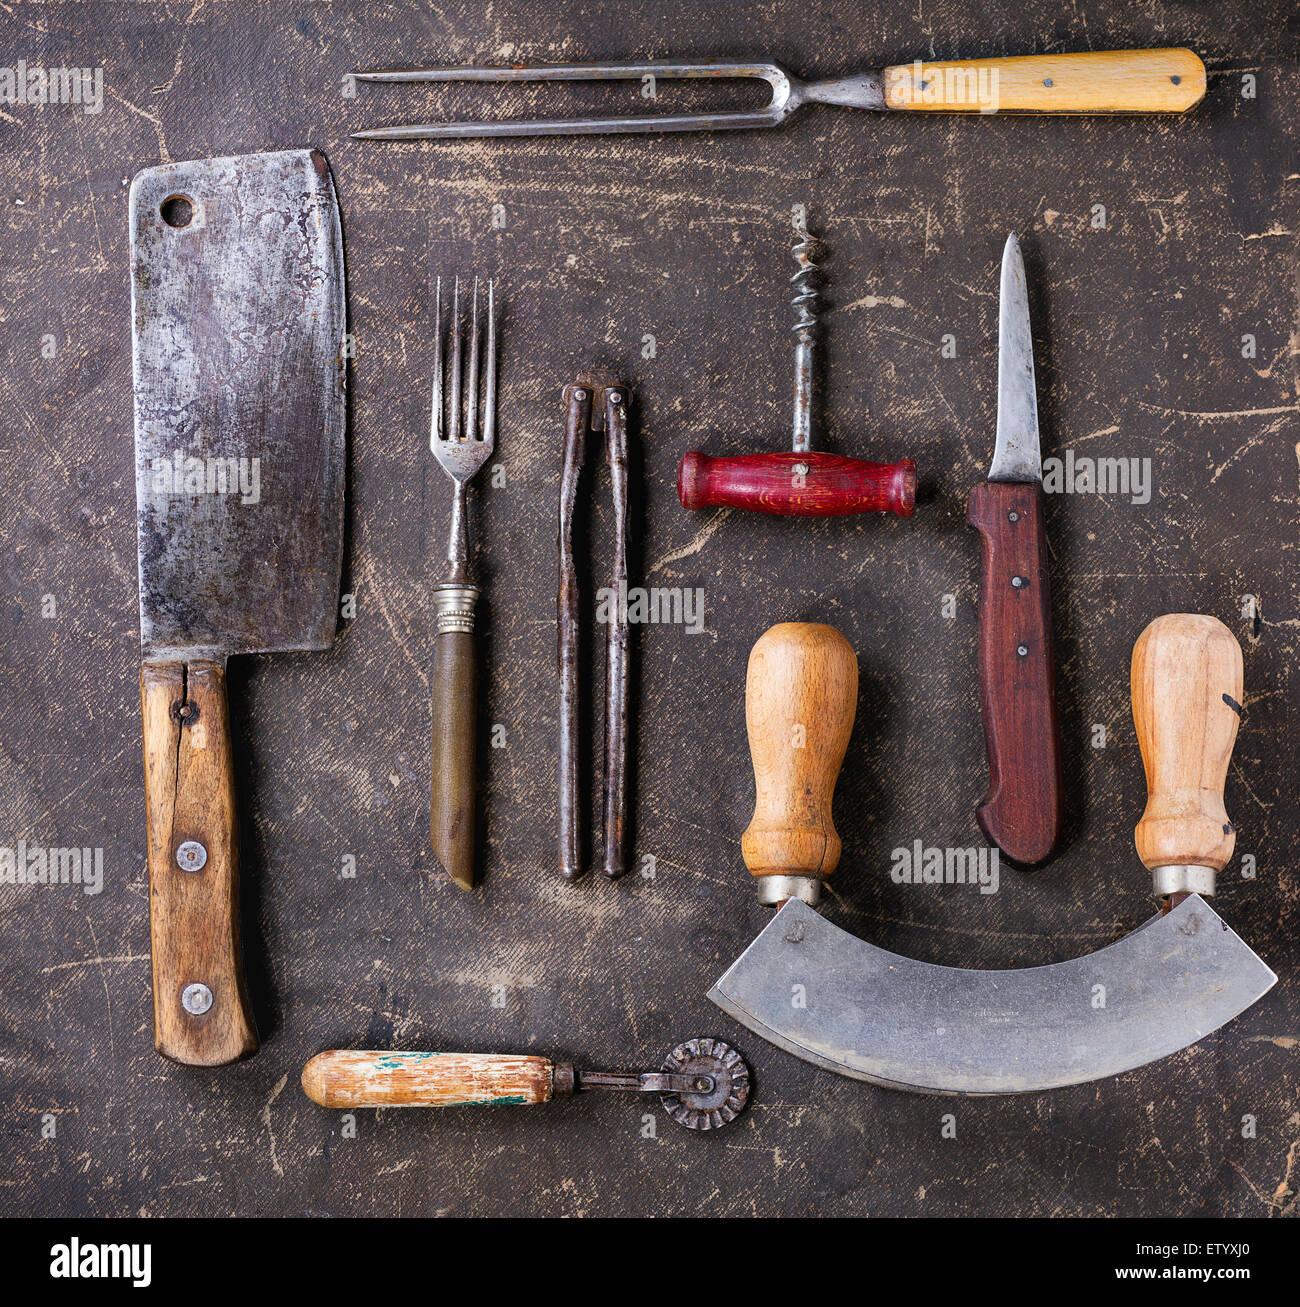 Ensemble de cuisine vintage sur fond sombre. Vue d'en haut Photo Stock